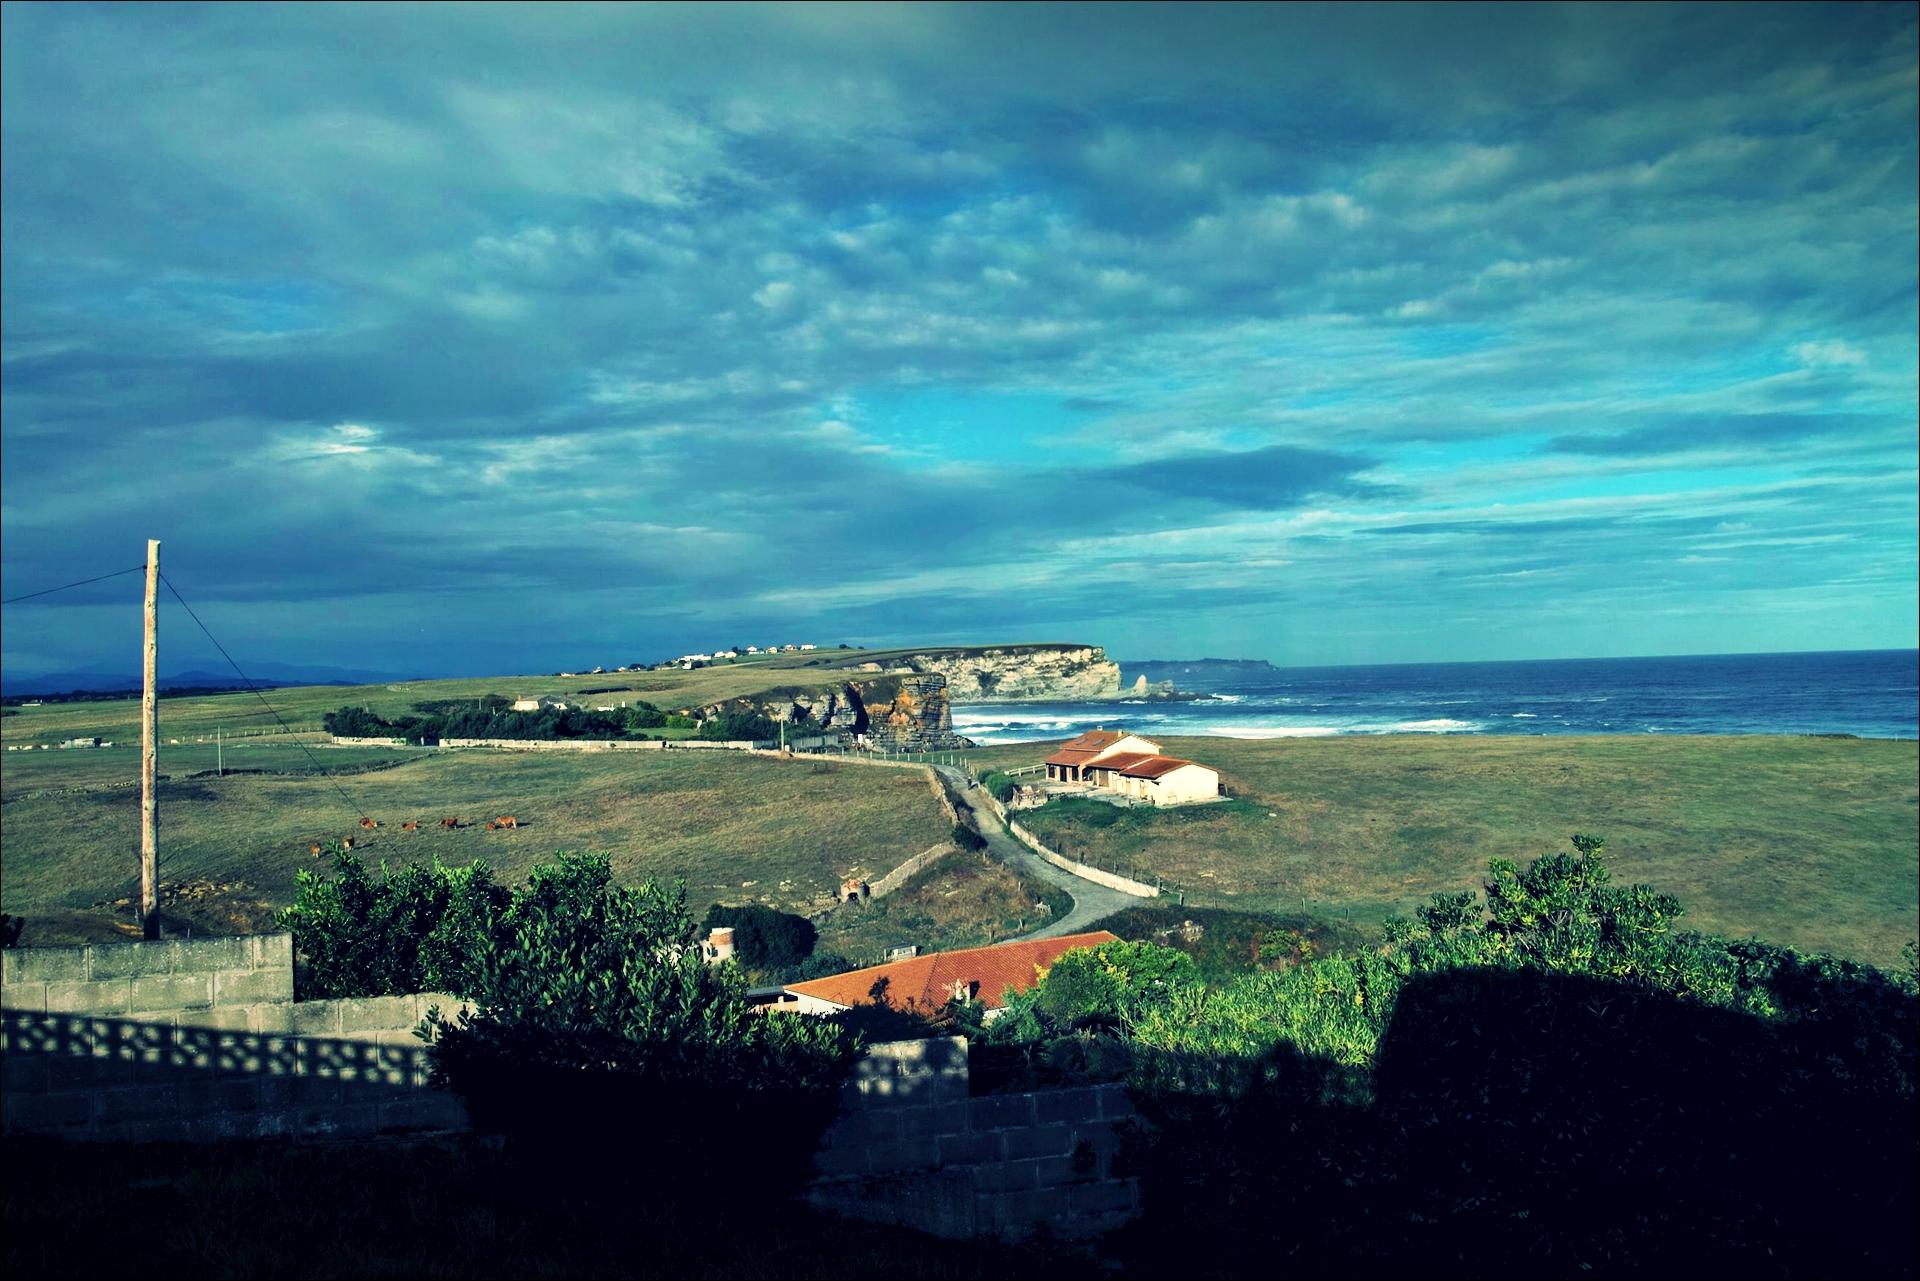 바닷가 마을-'카미노 데 산티아고 북쪽길. 궤메스에서 산탄데르. (Camino del Norte - Güemes to Santander)'